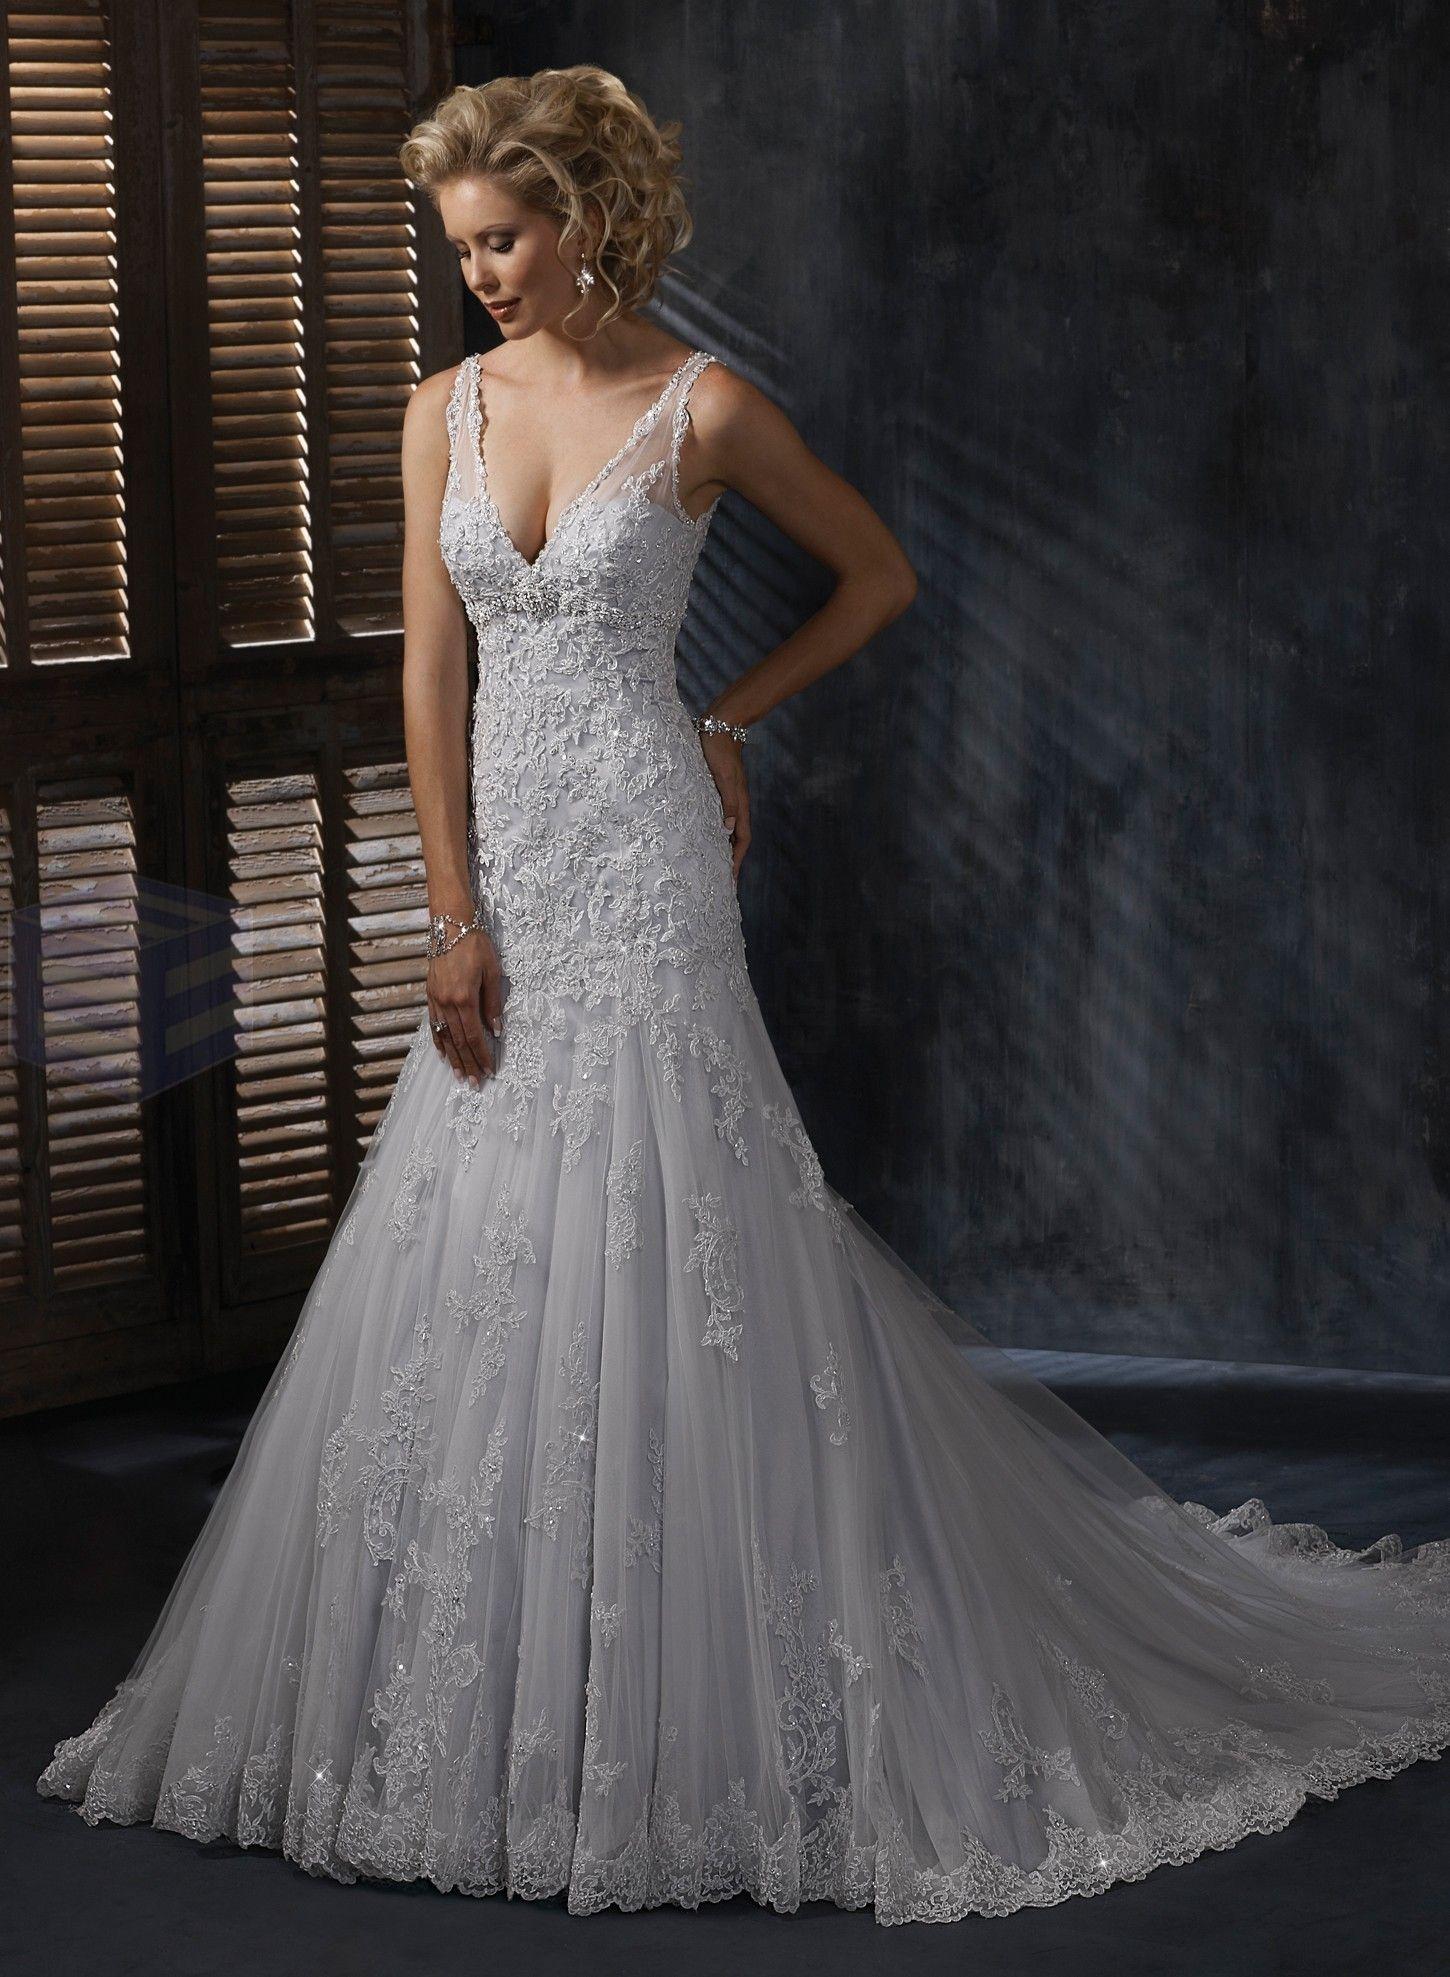 Lace V-neck Neckline A-line Wedding Dress - little low cut, but ...